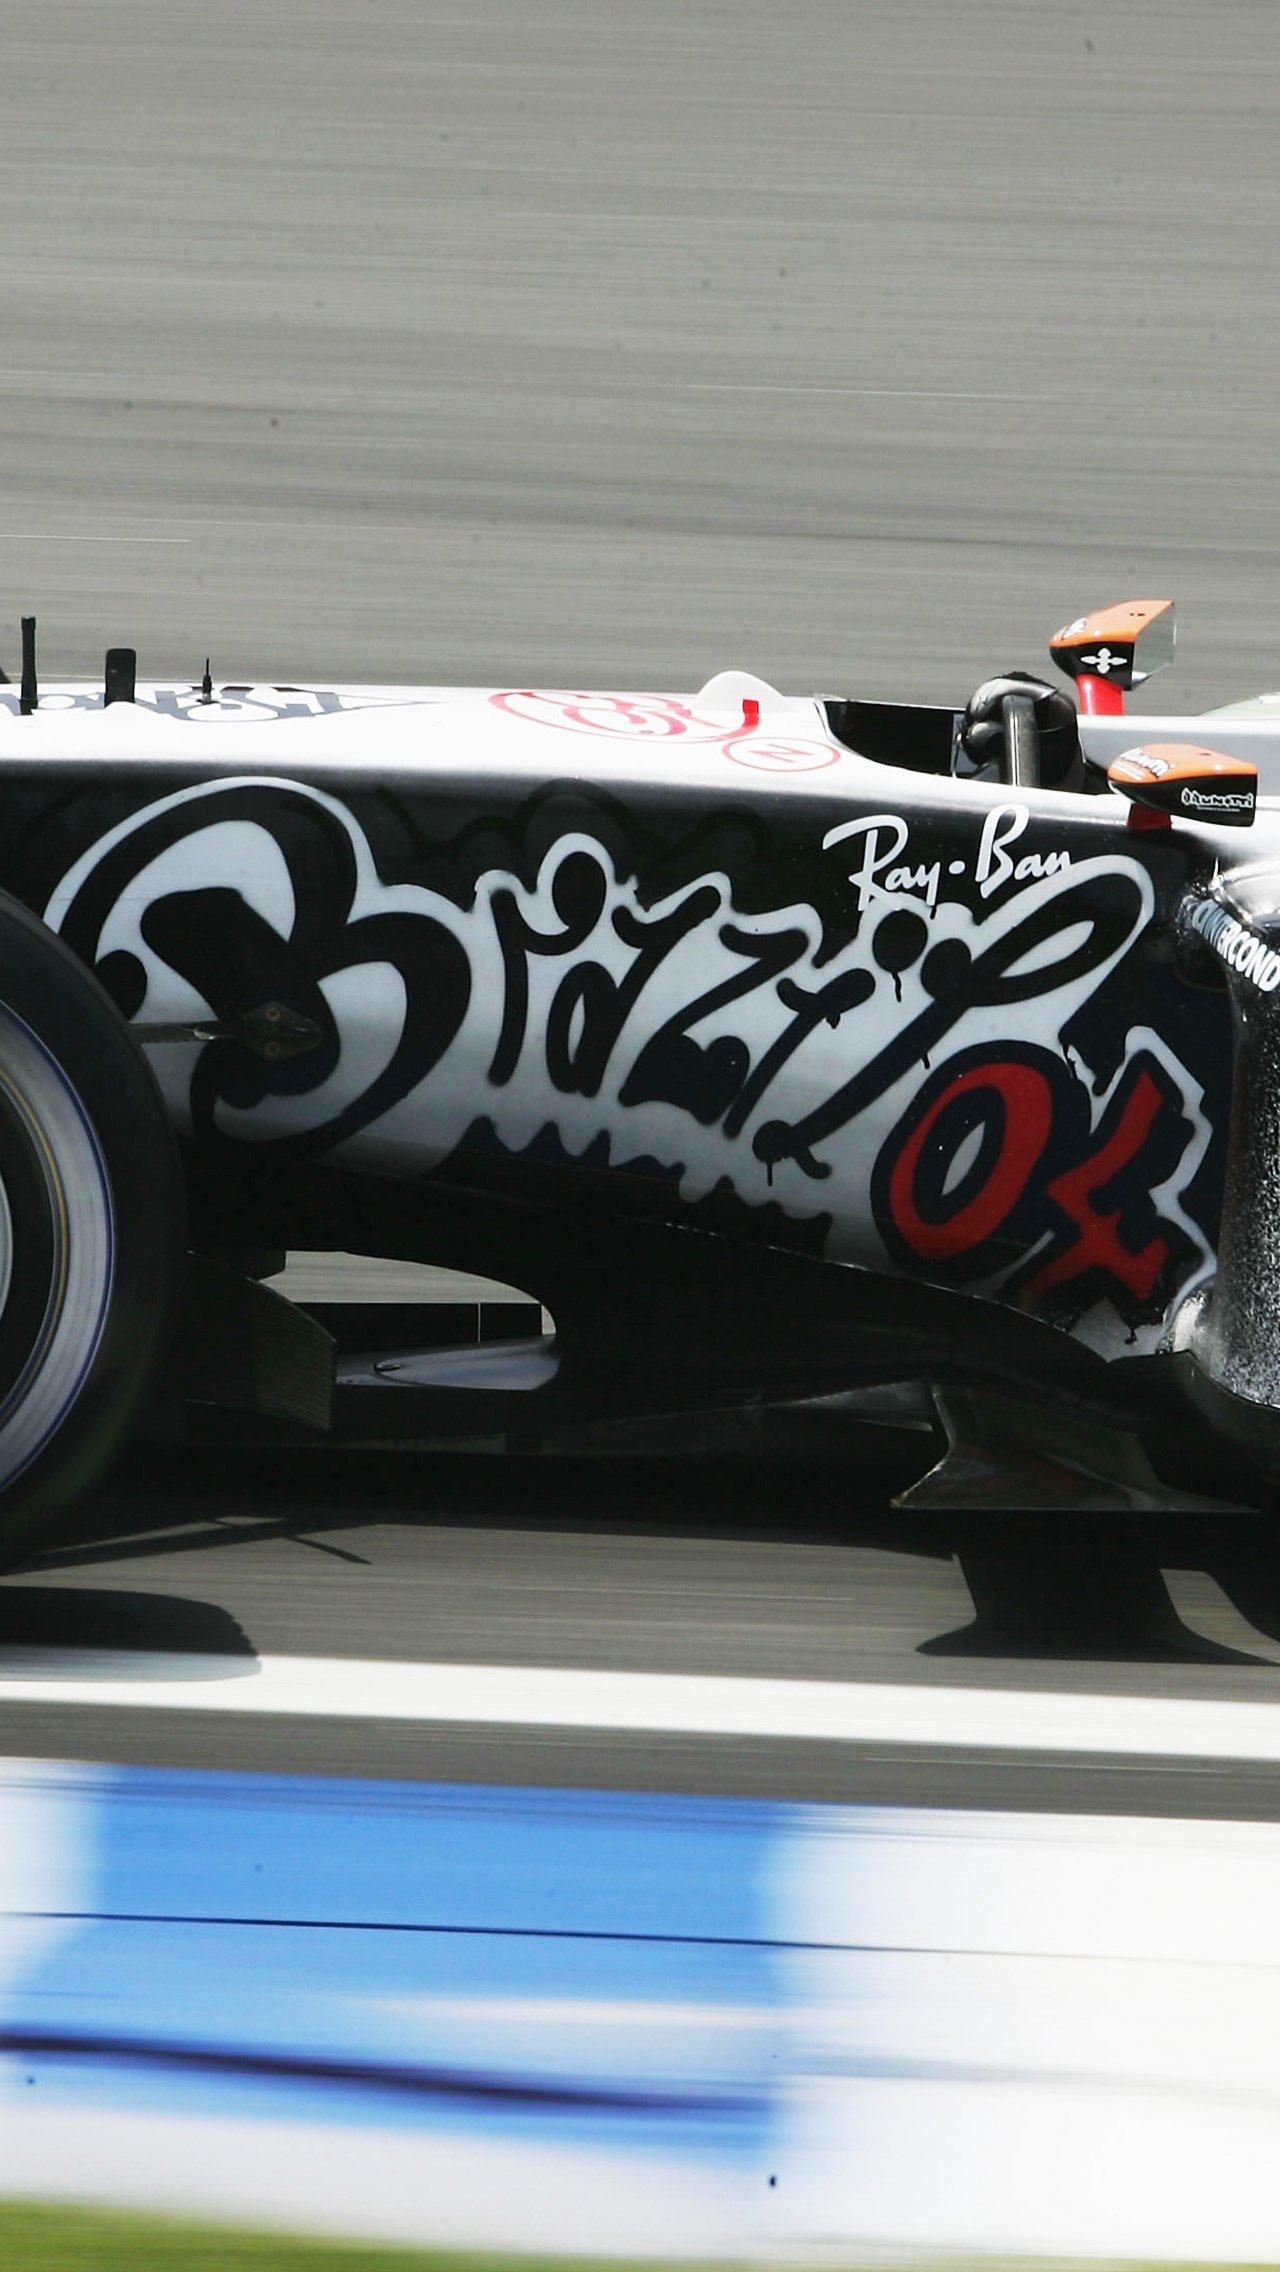 В том же году Дэвидсон провёл ещё одну тренировку с необычной ливреей — на сей раз, граффити.